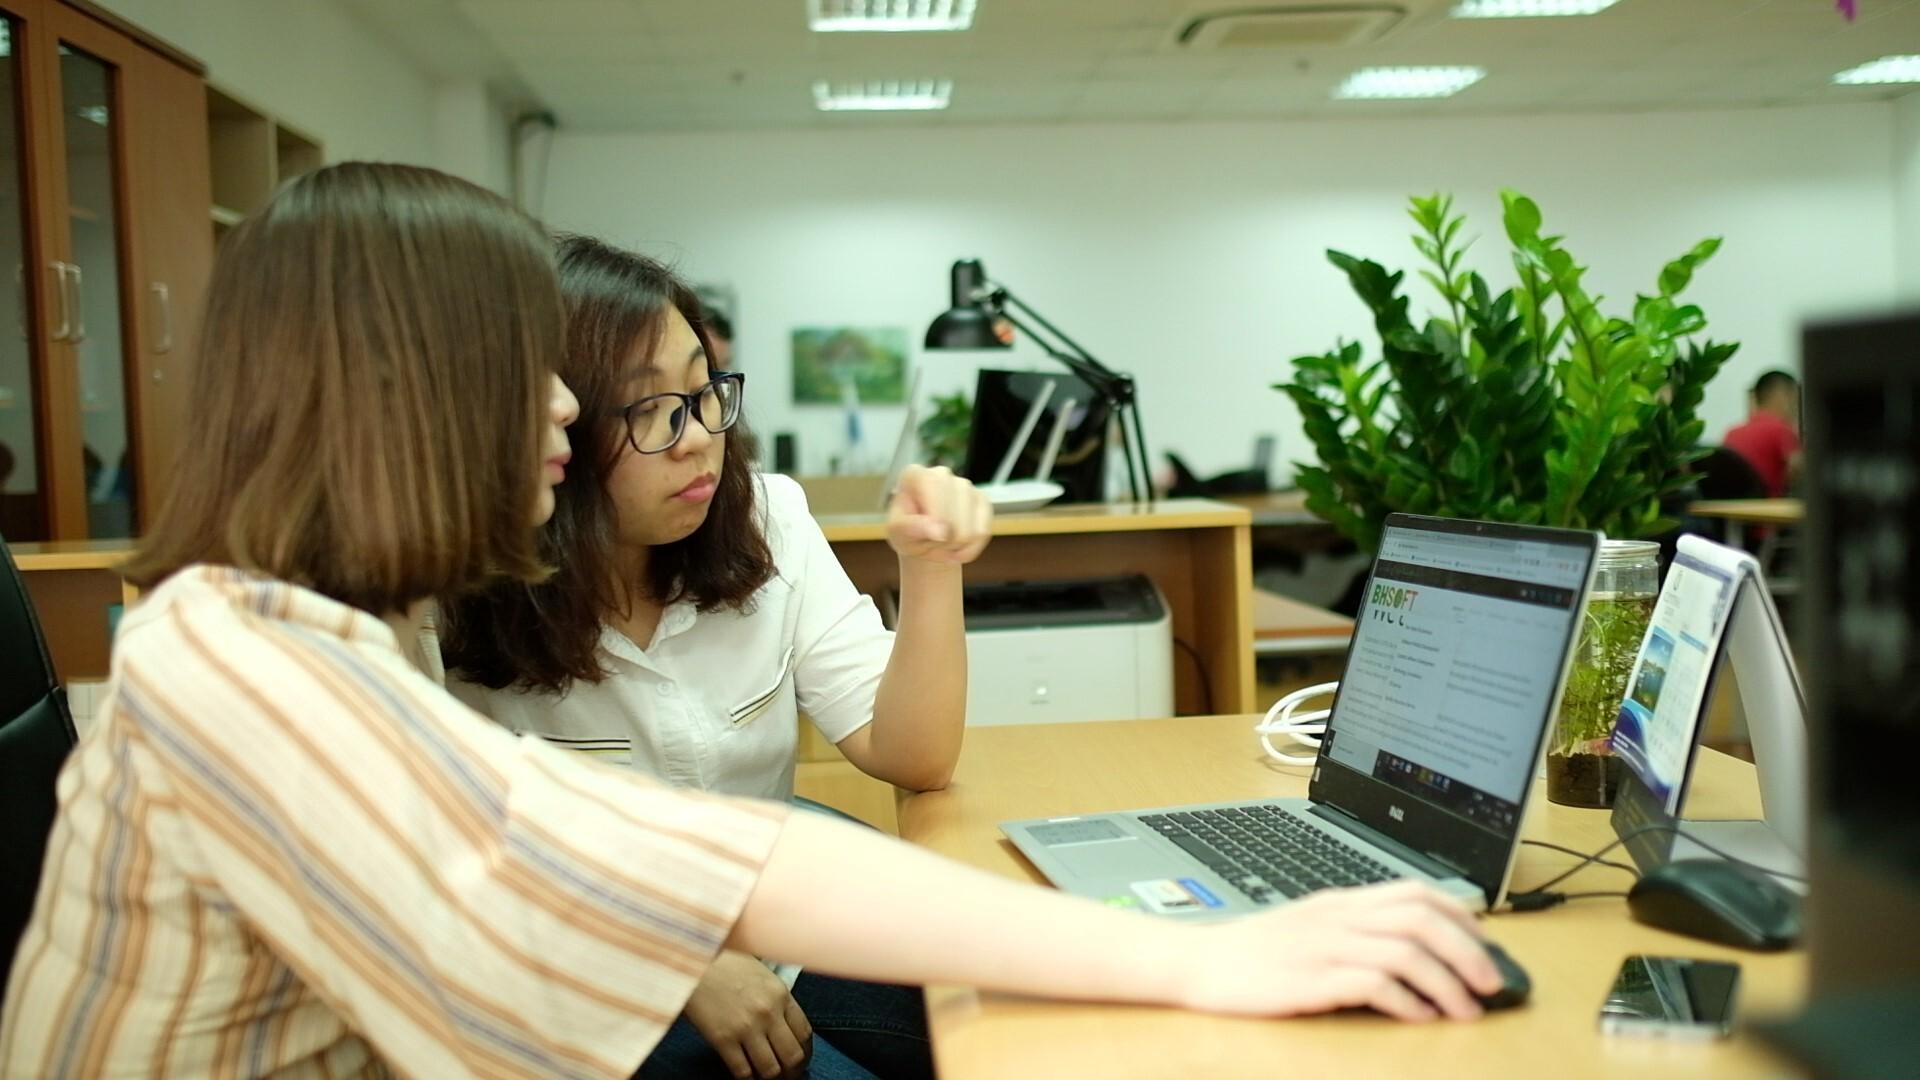 Bac Ha Software